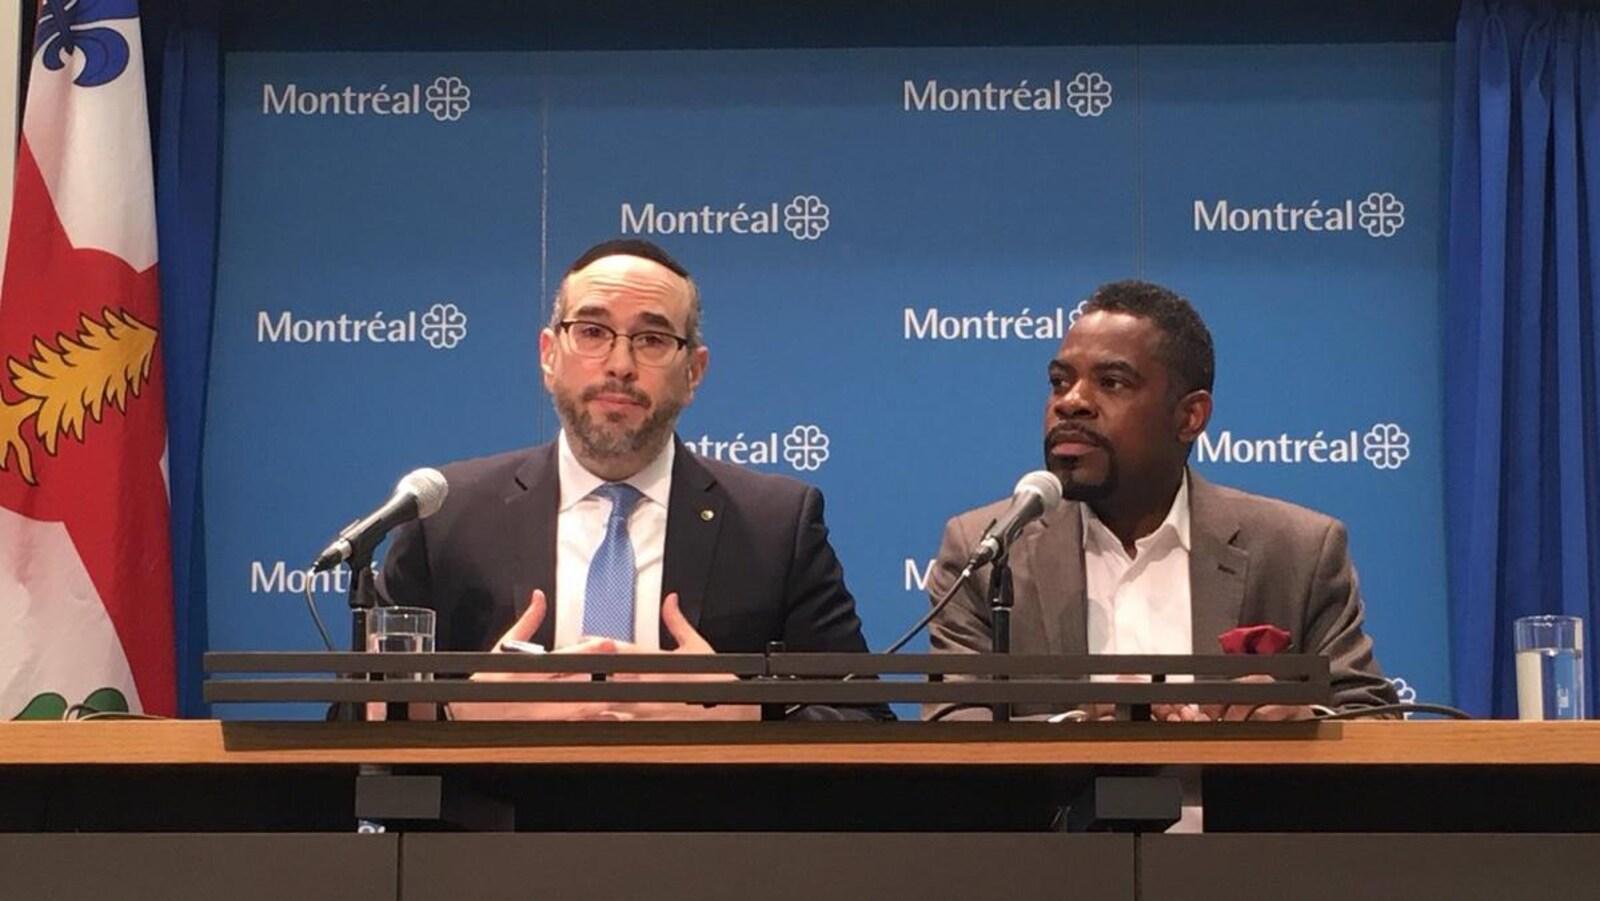 Les deux hommes lors d'une conférence de presse à l'hôtel de ville de Montréal.